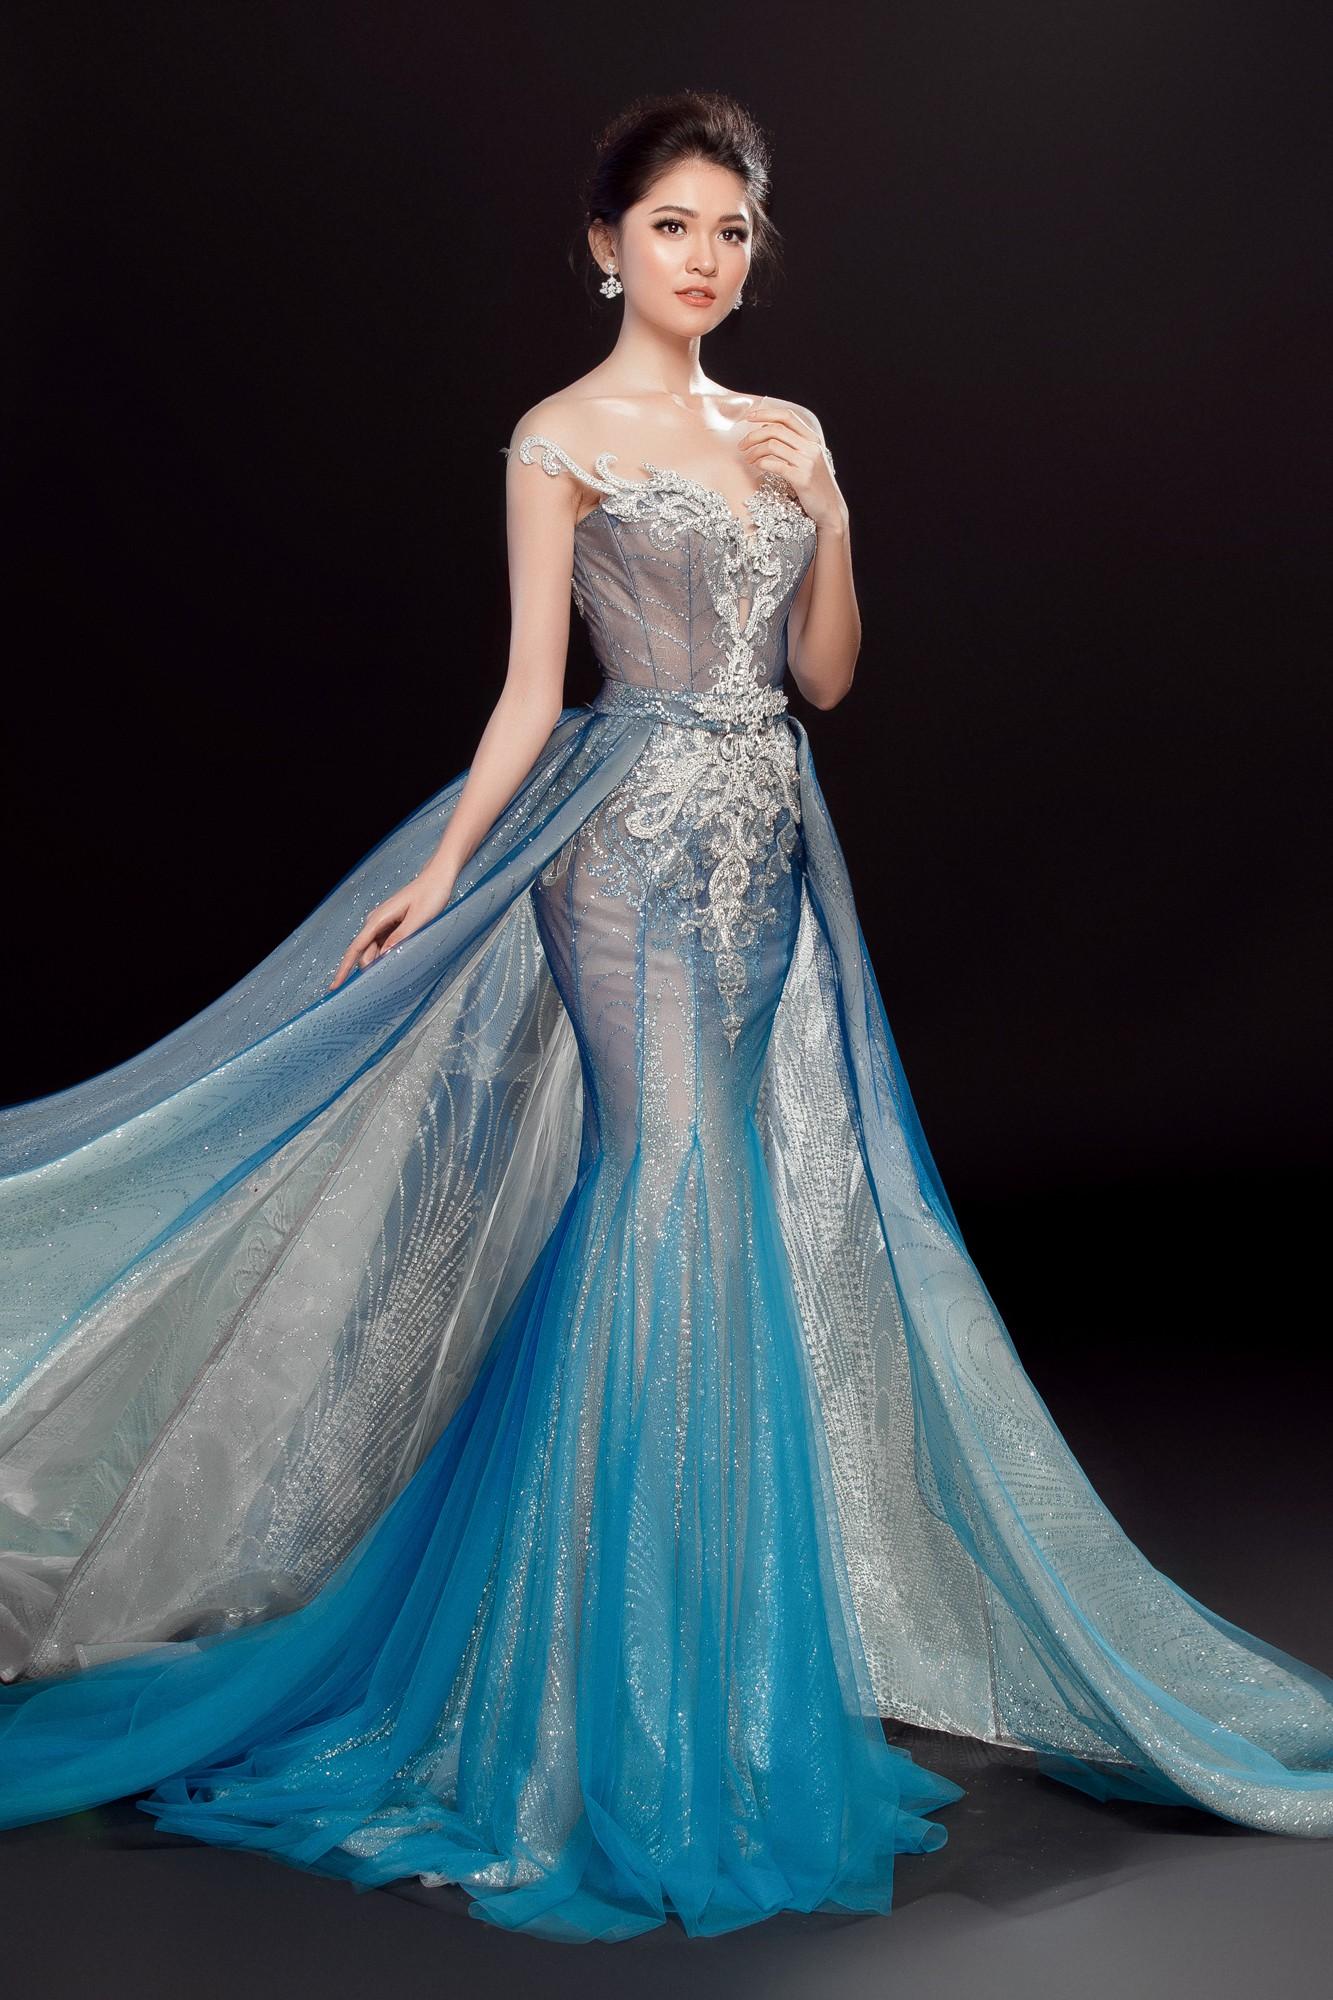 Á hậu Thùy Dung lộng lẫy như công chúa trong đầm dạ hội chính thức tại chung kết Miss International 2017 - Ảnh 2.